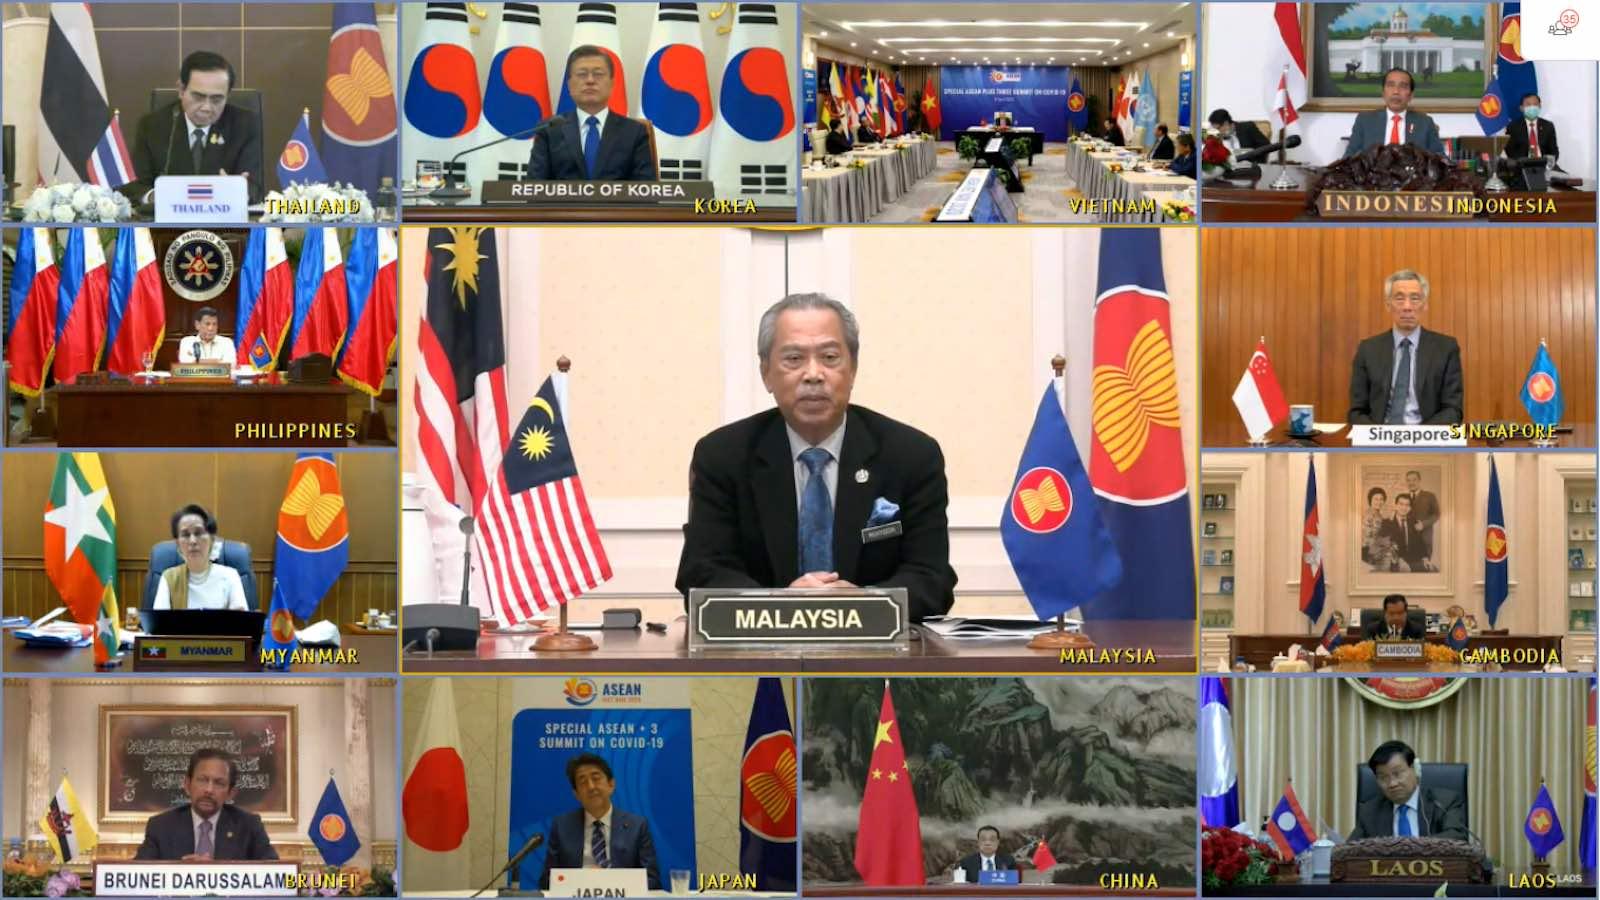 特朗普政府未派遣高层官员参加东亚峰会遭热议